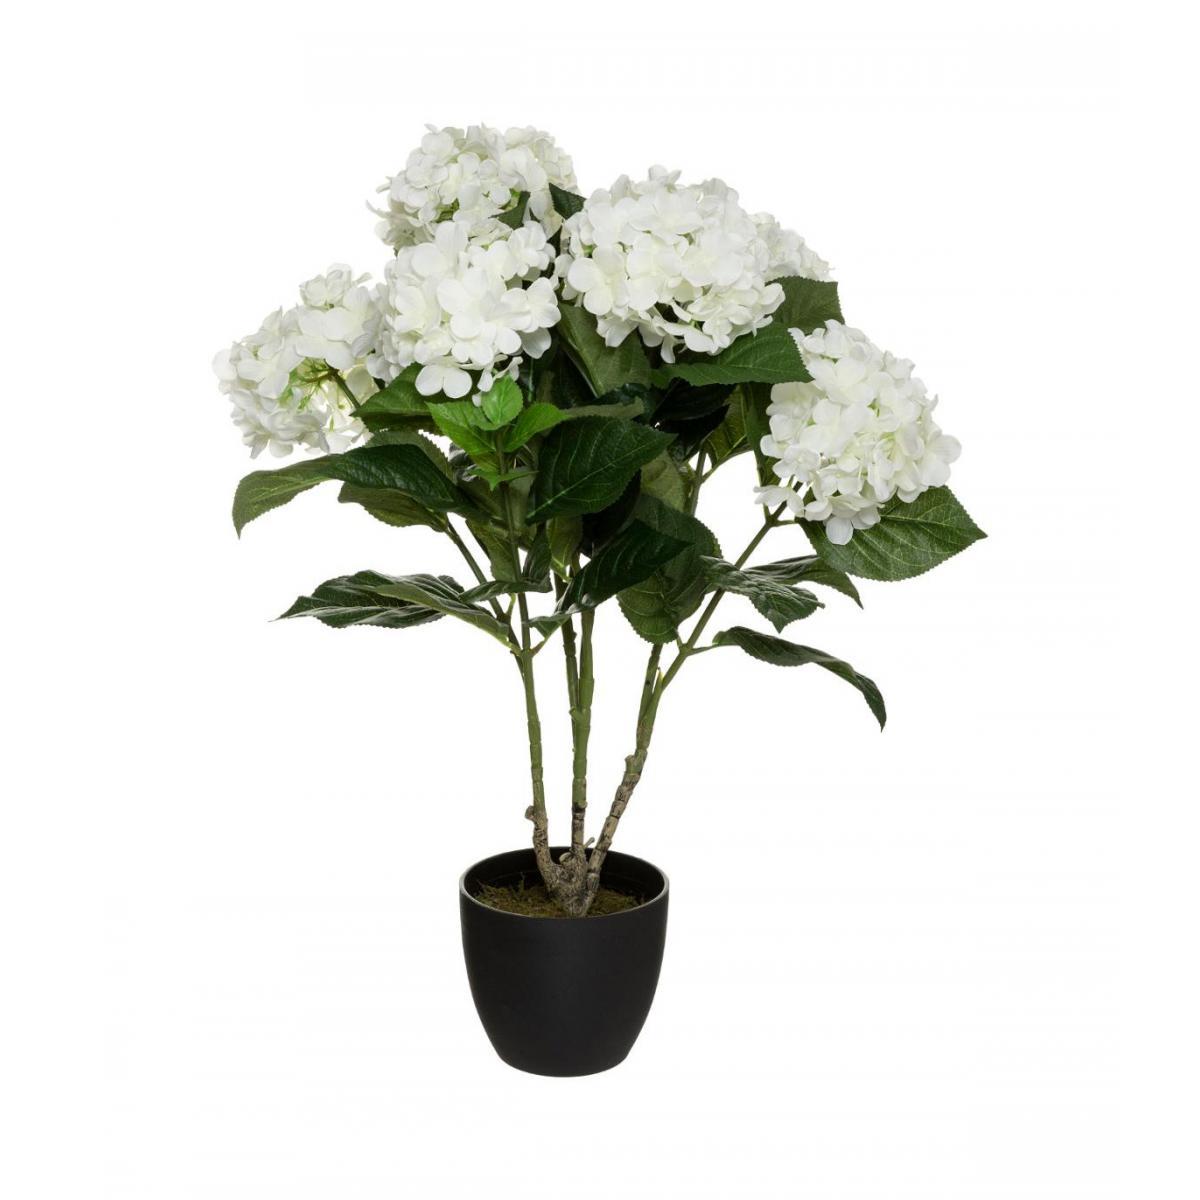 Atmosphera, Createur D'Interie Atmosphera - Plante artificielle Hortensia Blanc en pot H 60 cm